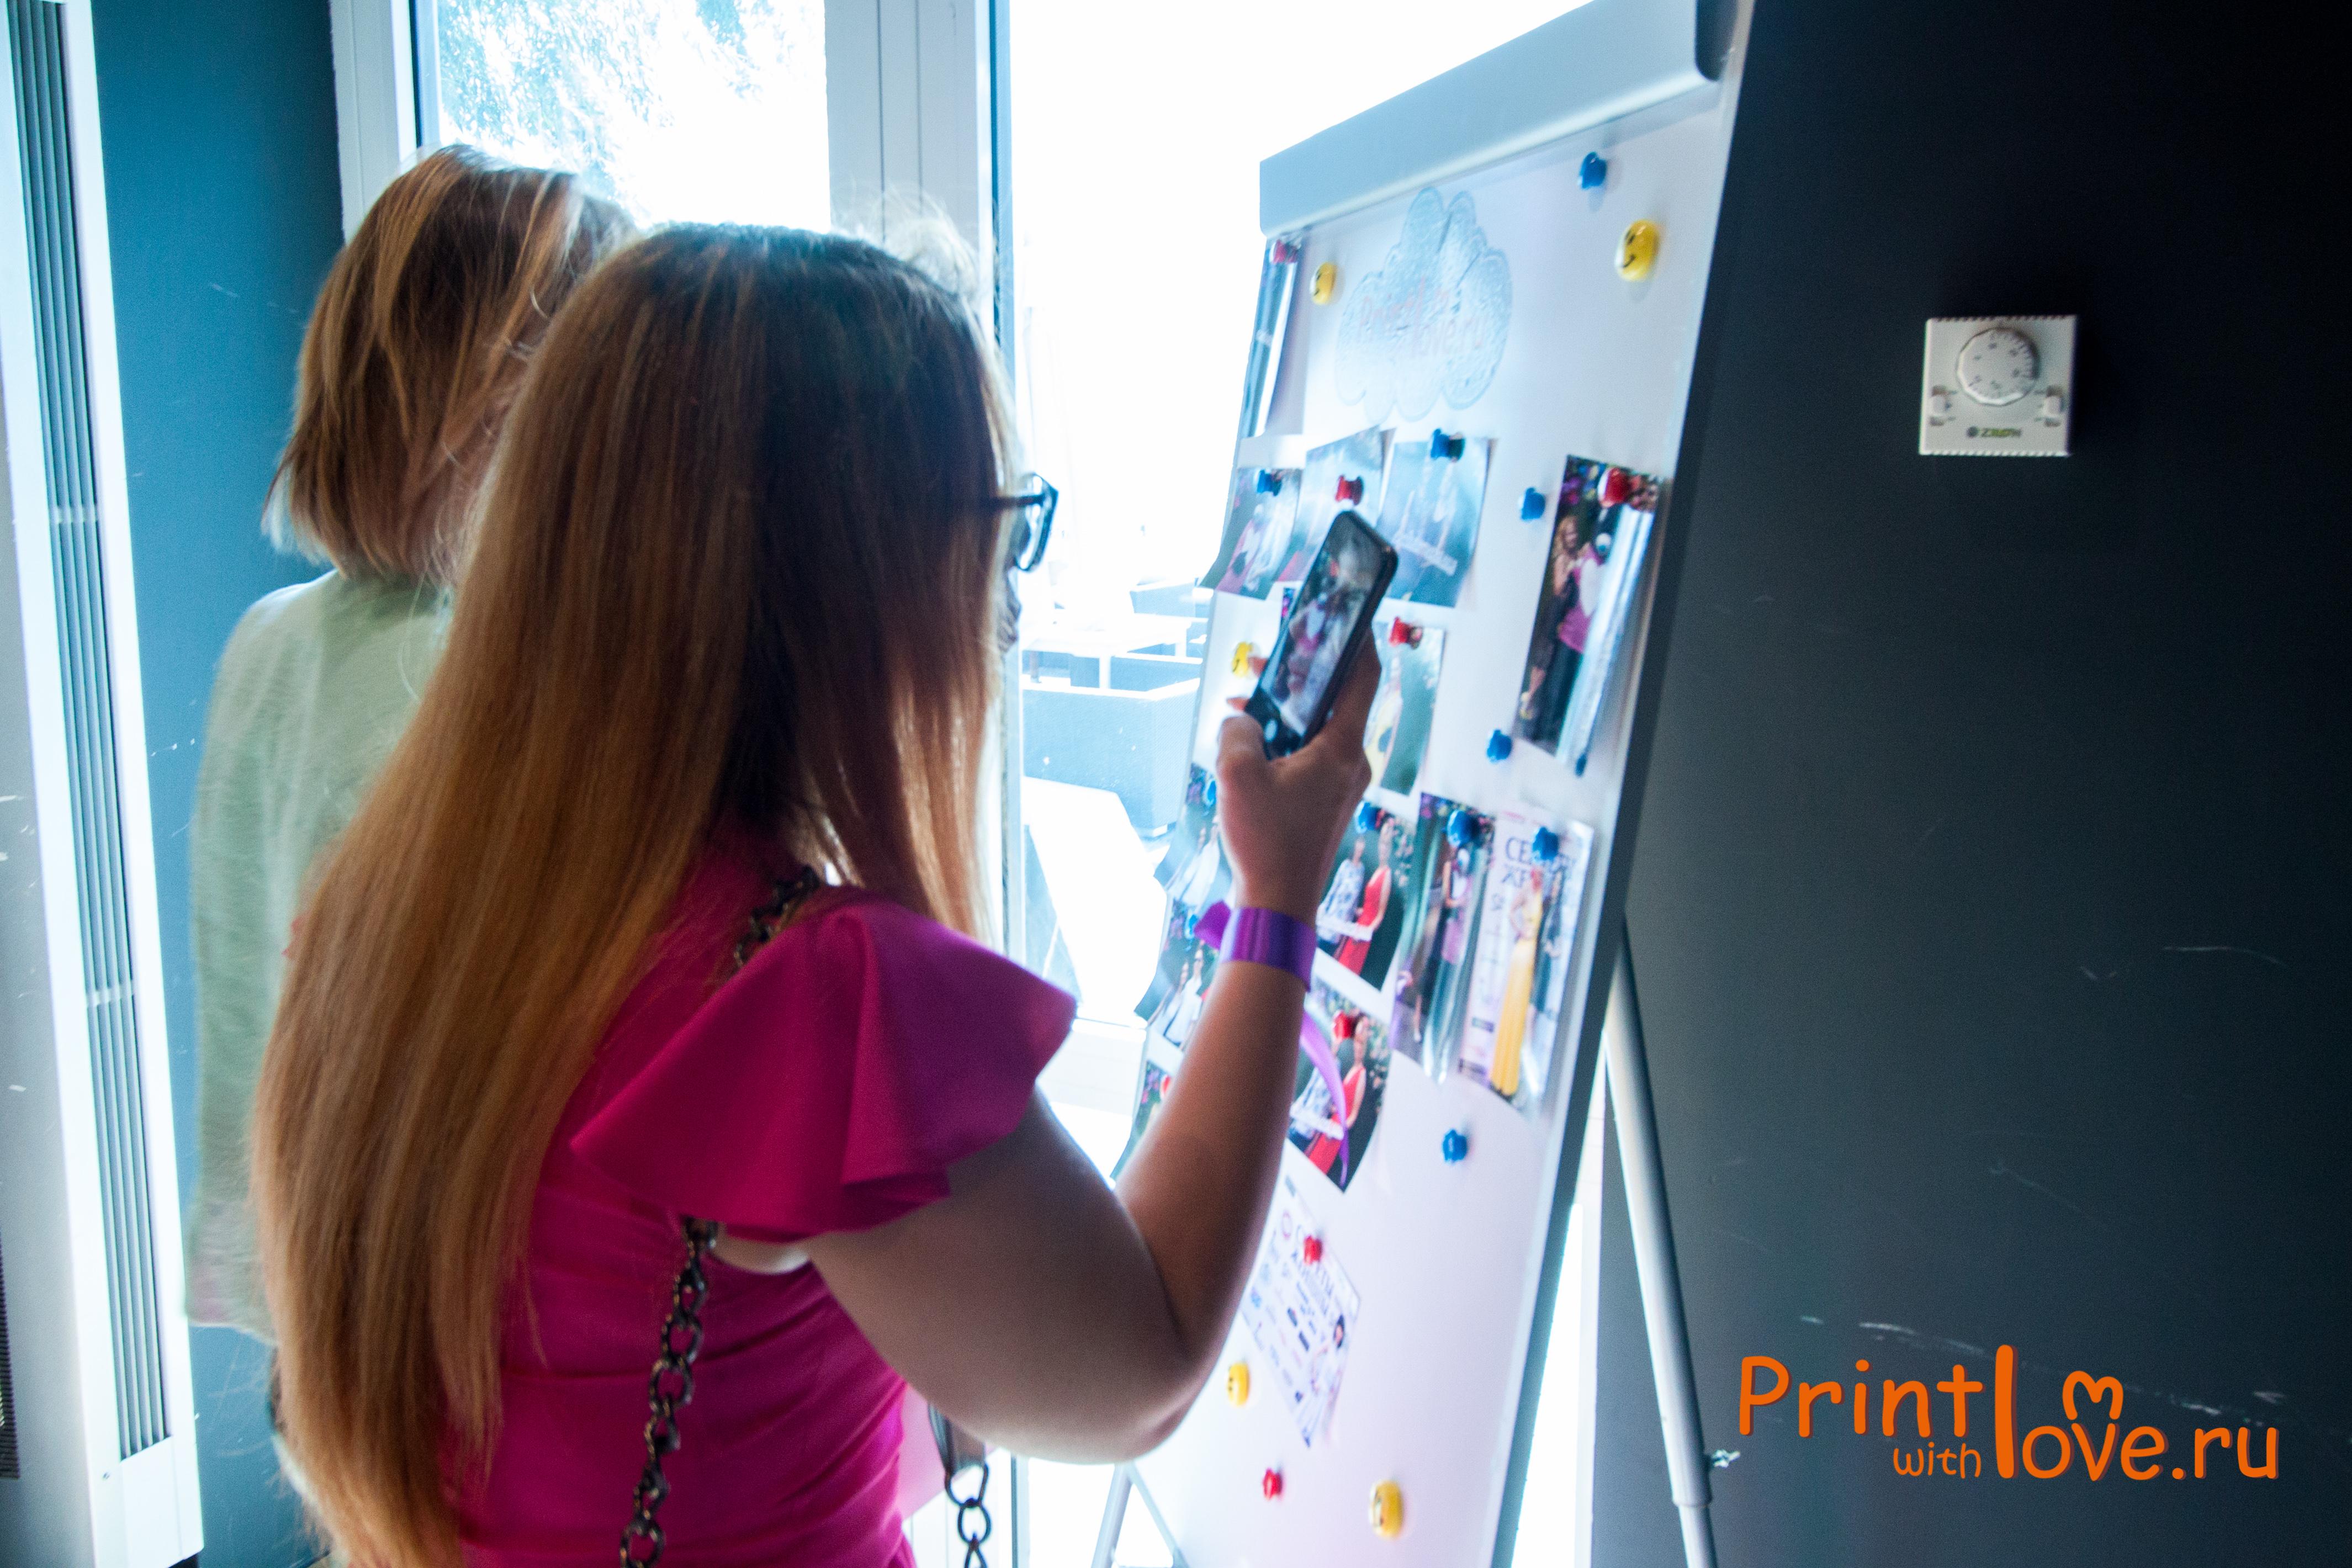 Онлайн печать фотографий в Казани.